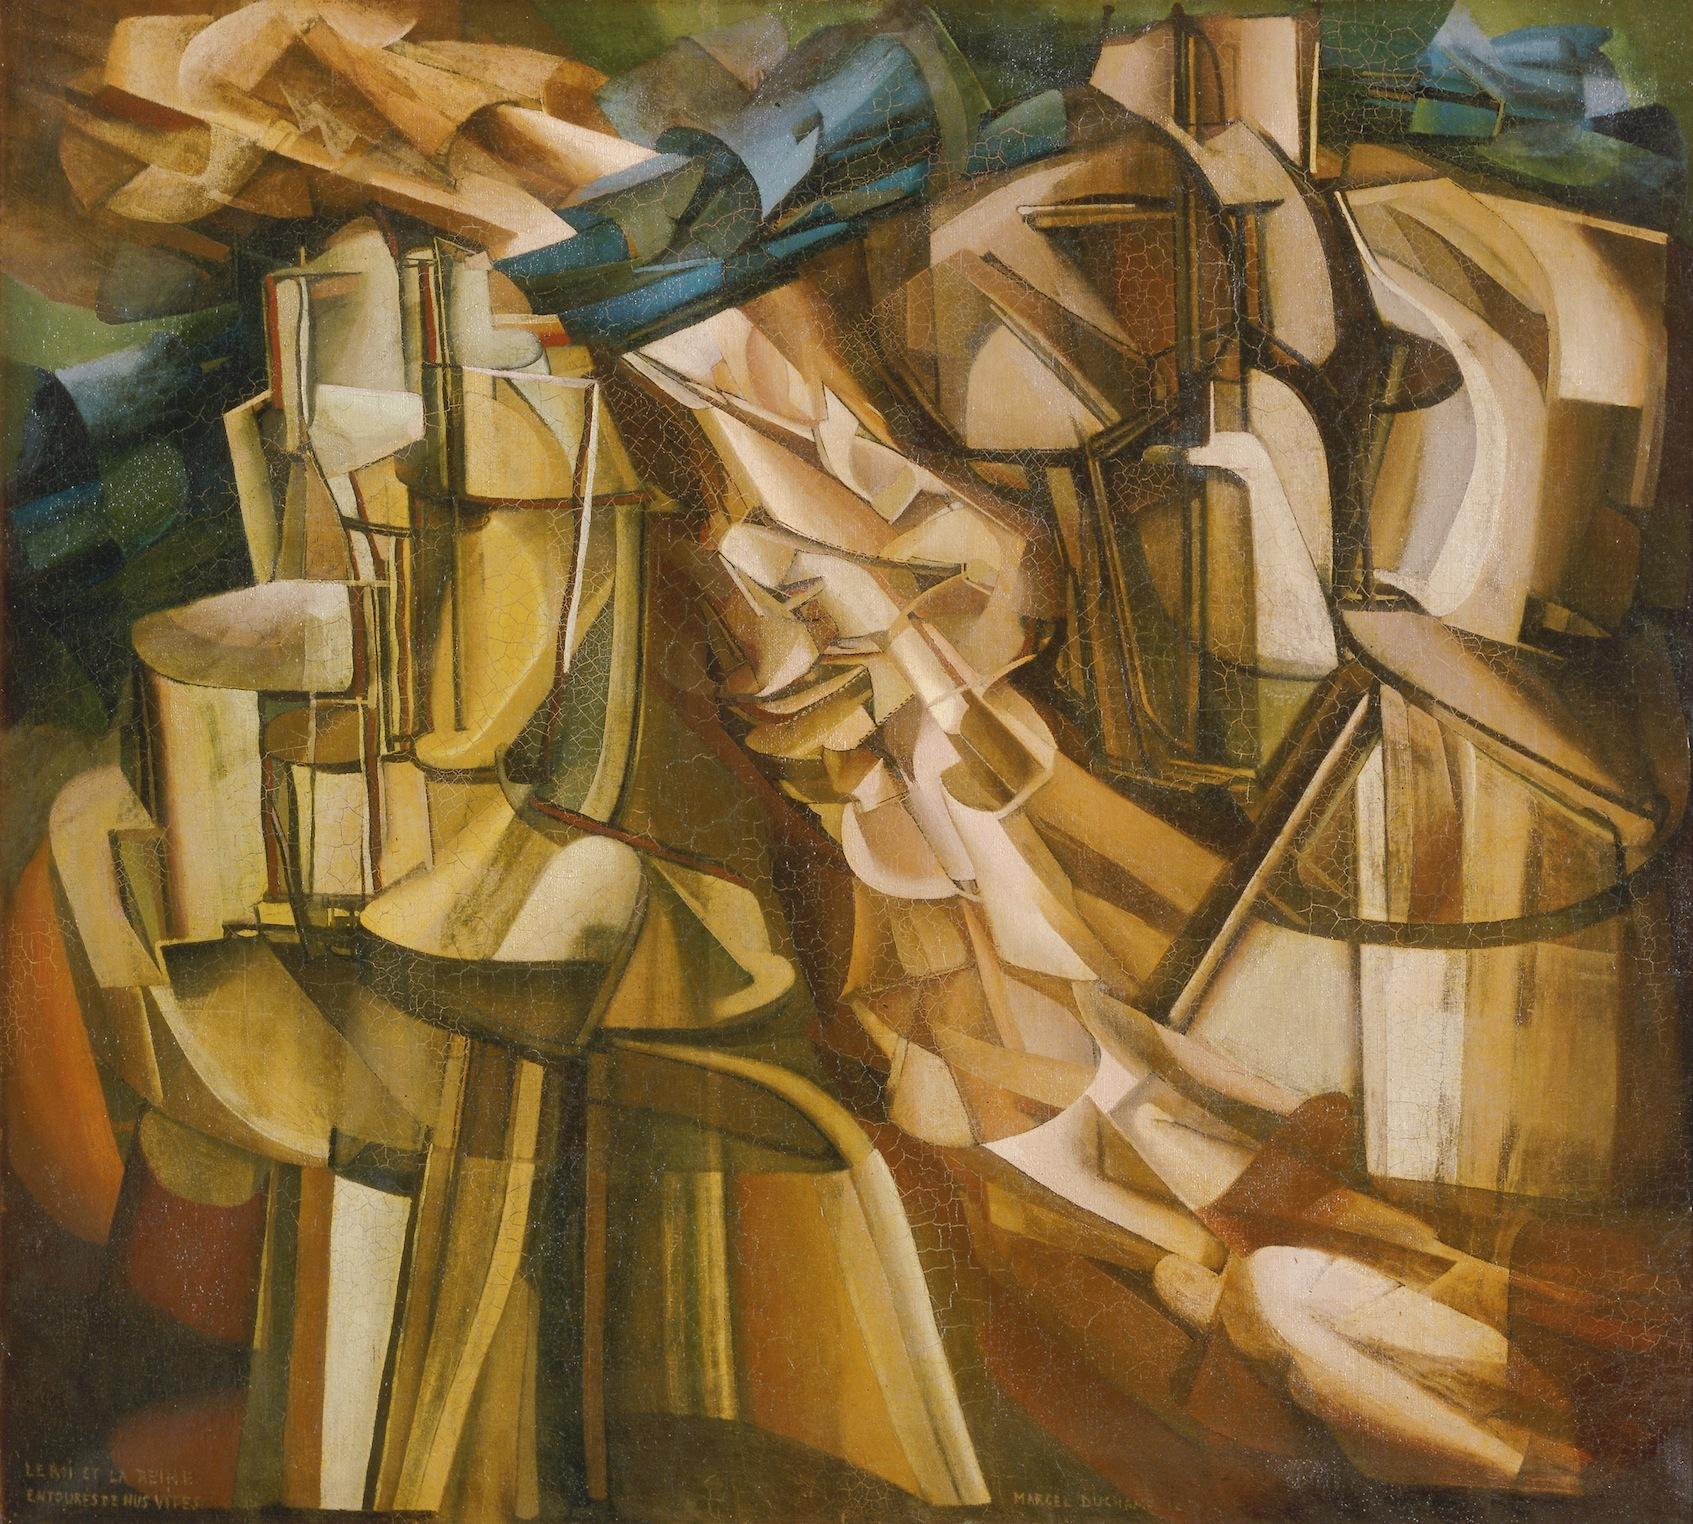 Les expositions du Centre Pompidou